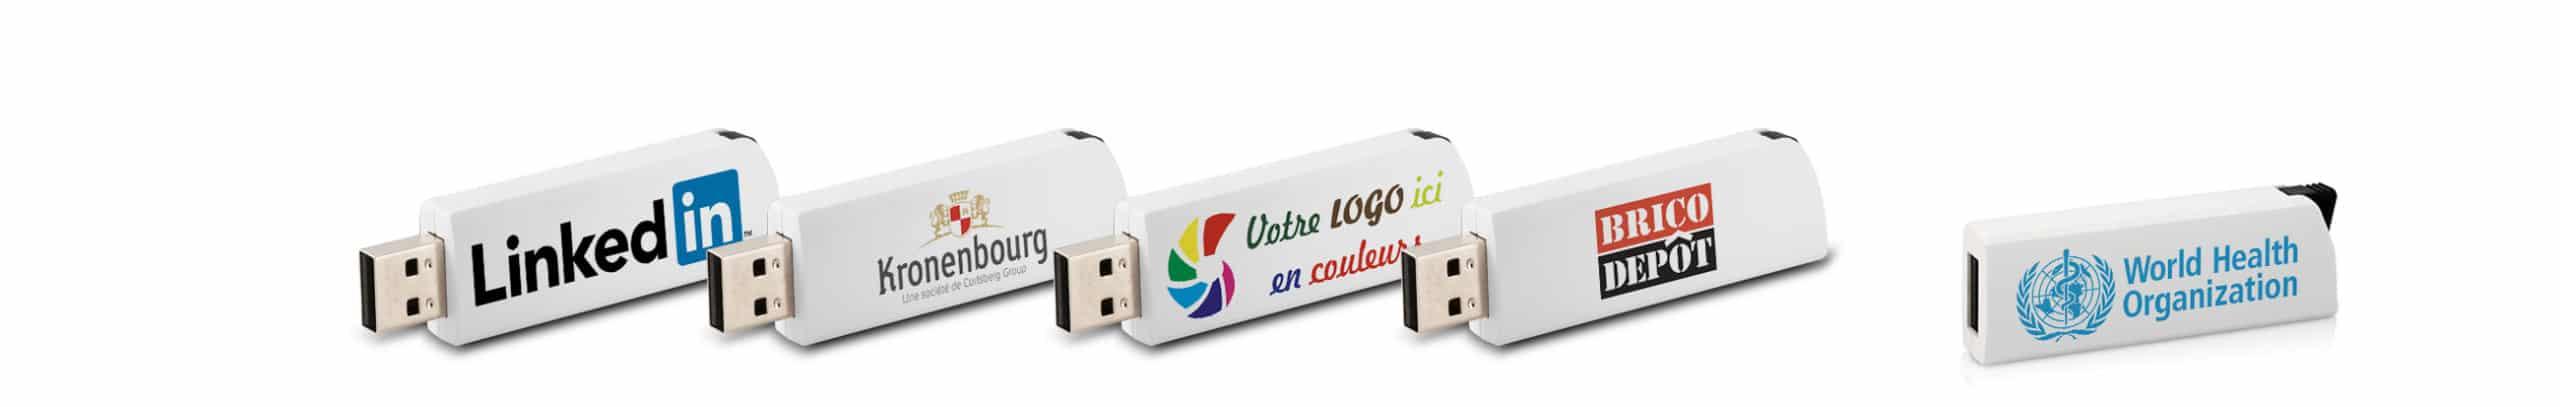 lot de Clés USB personnalisées Click avec logos kronembourg brico-depot et linkedin